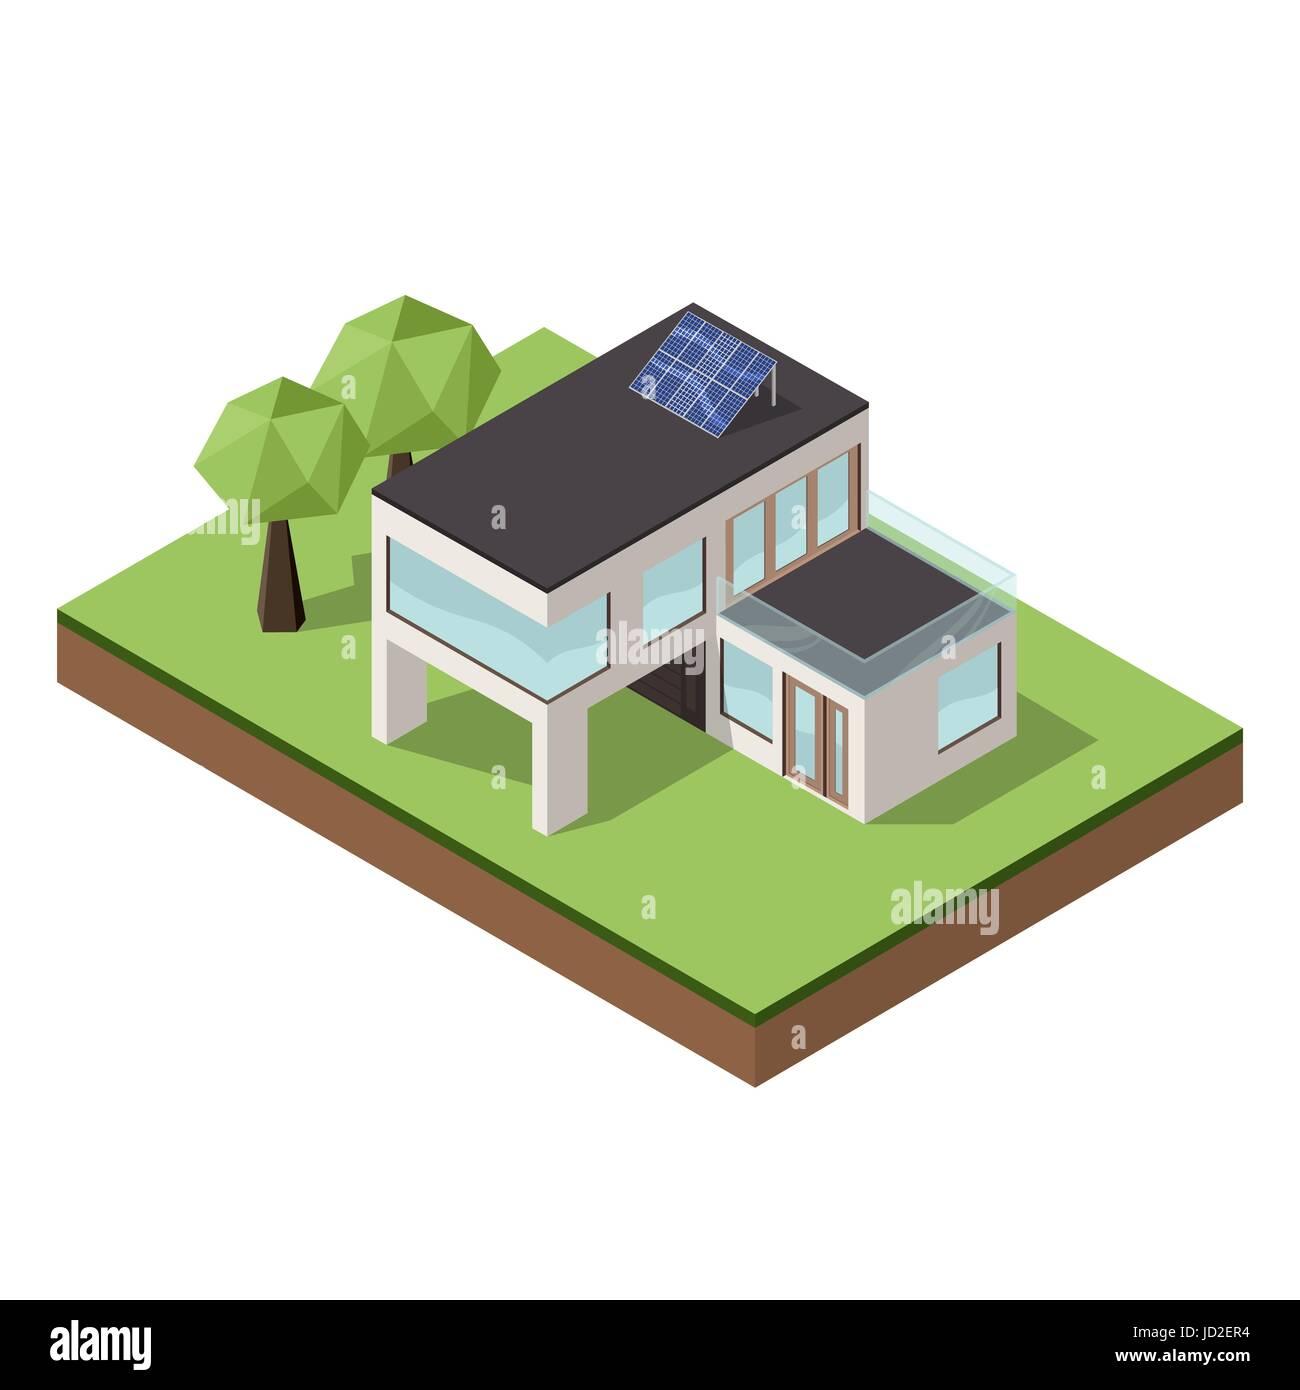 Vektor Illustration Von Isometrischen Große Private Moderne Hütte Oder Haus  Für Immobilien Broschüren Oder Web Symbol. Moderne Architektur Konzept.